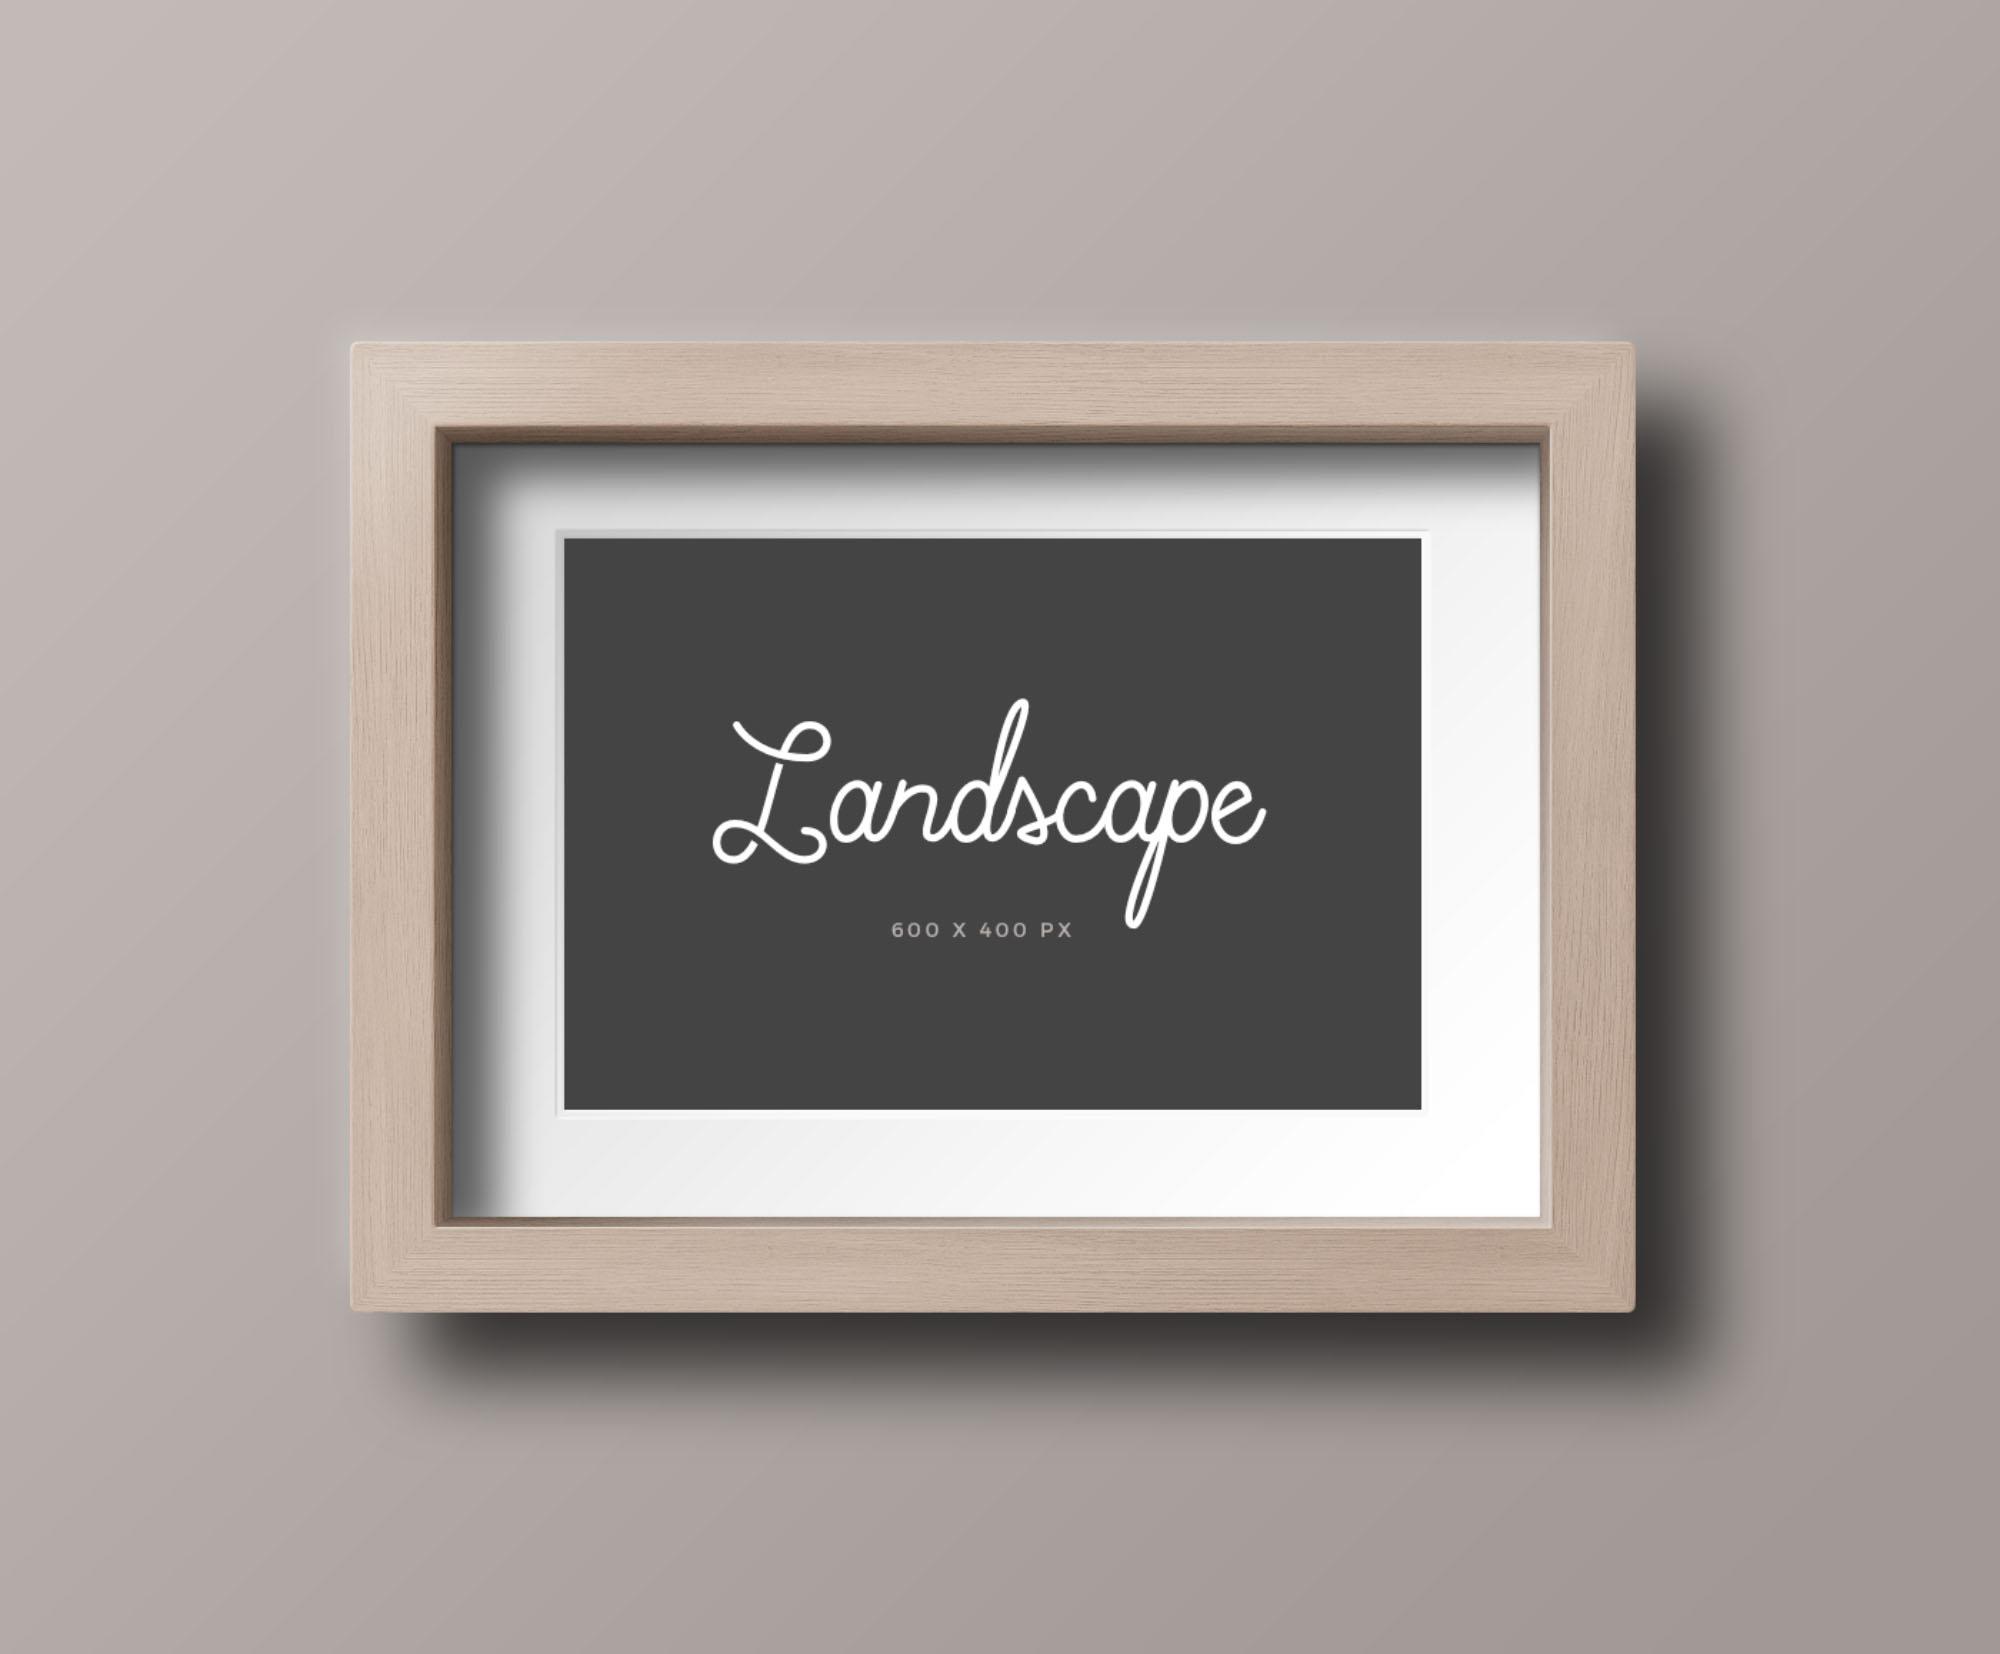 Wood Photo Frame Mockup - LandscapeWood Photo Frame Mockup - Landscape